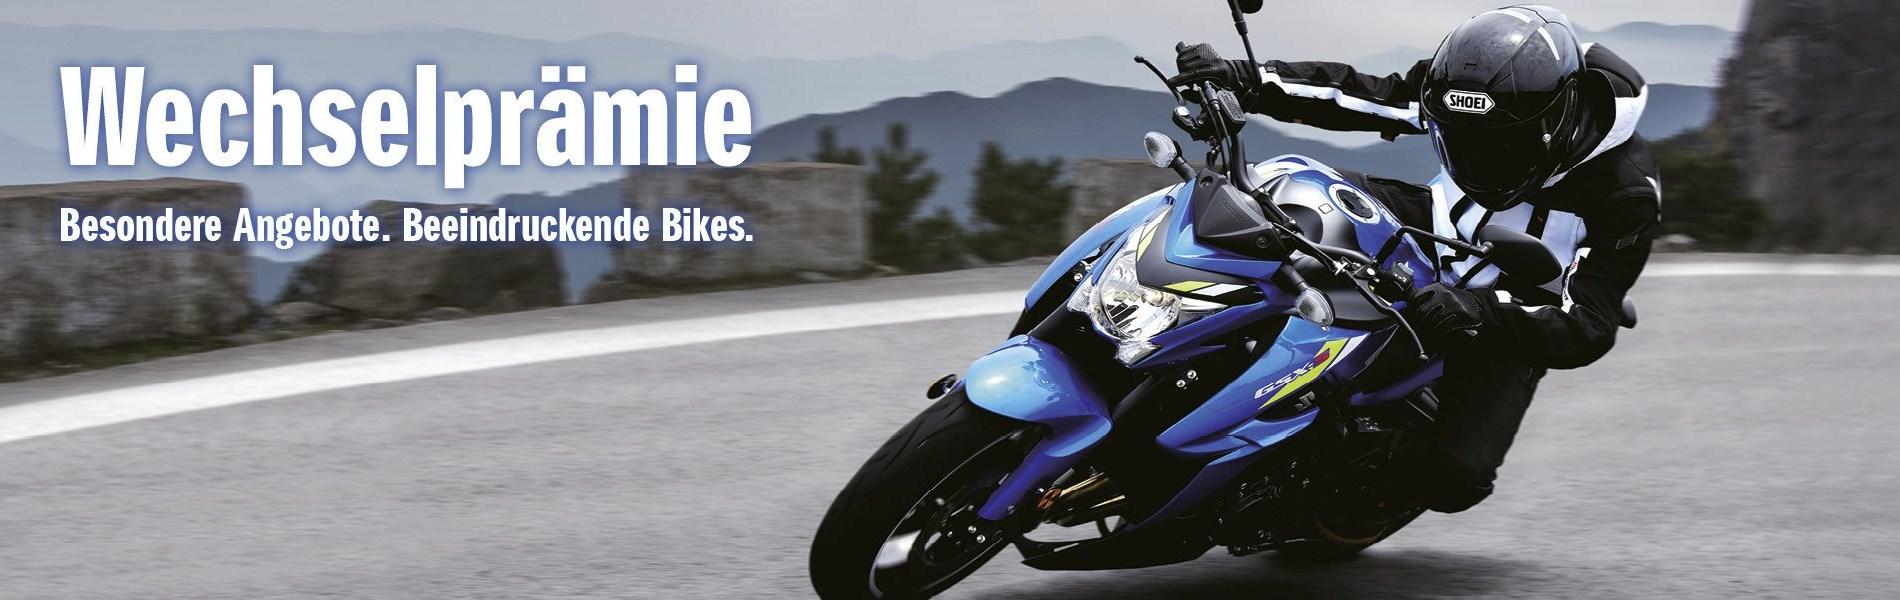 Besondere Angebote. Beeindruckende Bikes.